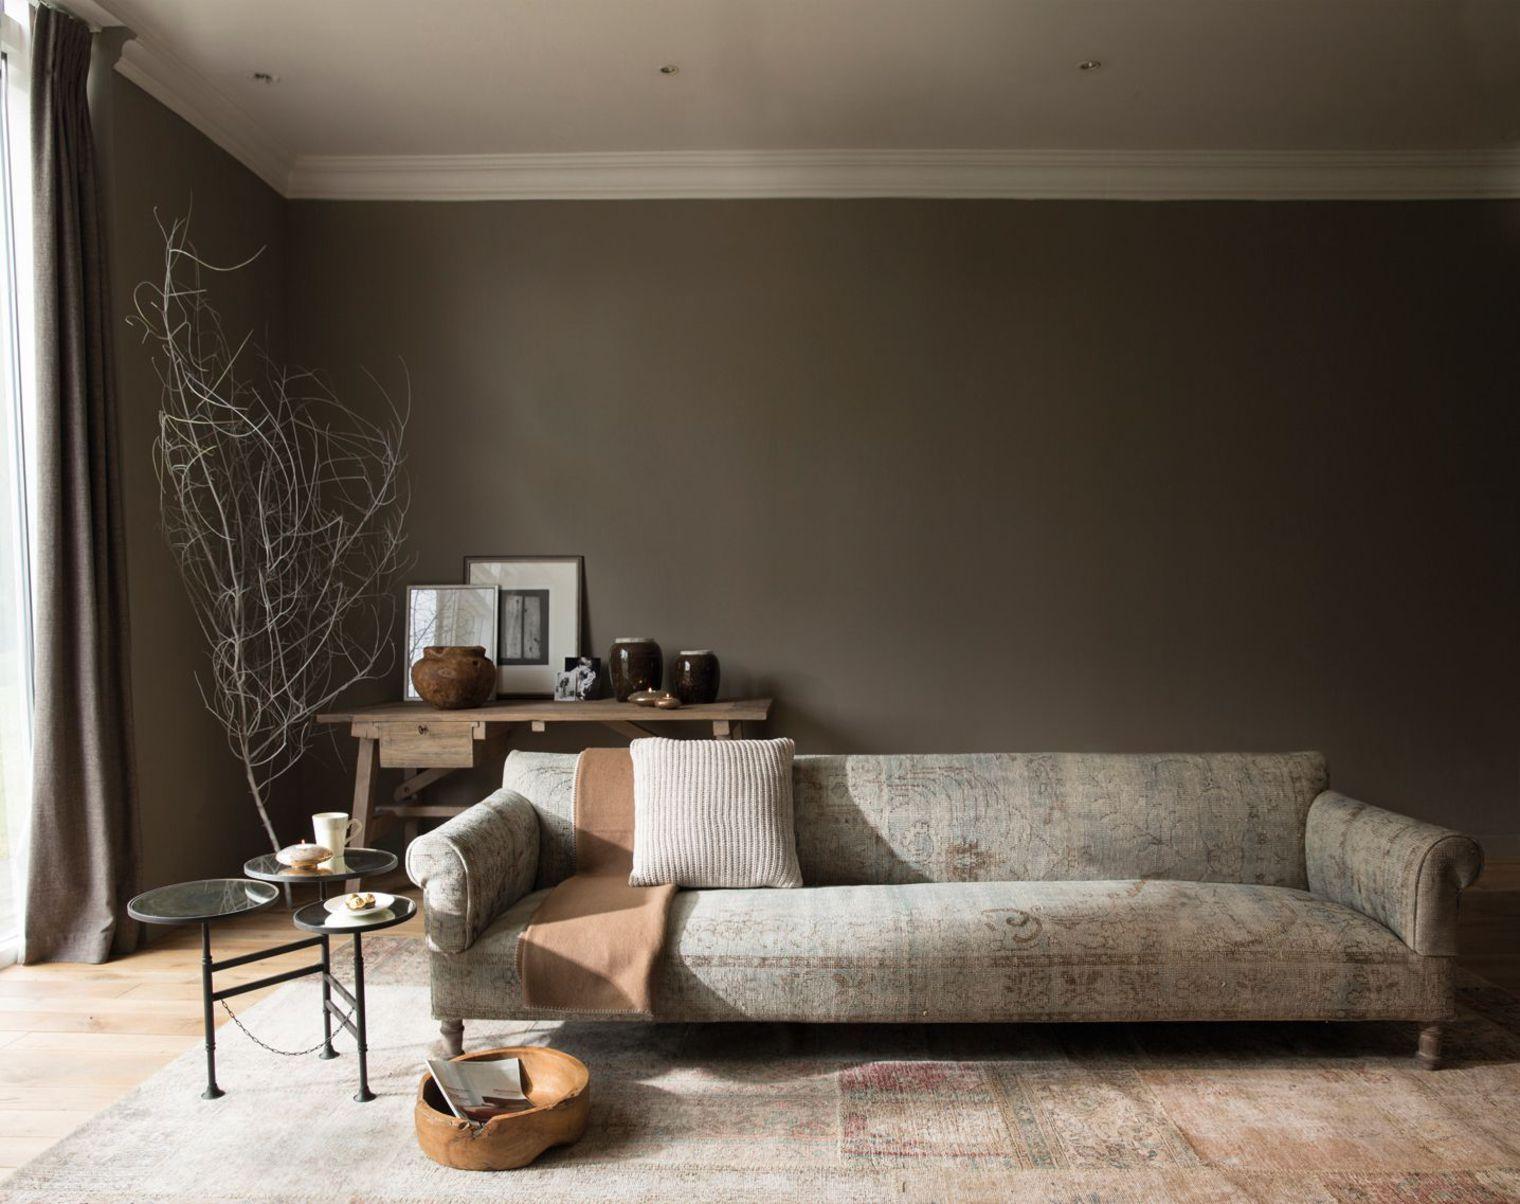 tollens rvle ses nouvelles collections de peinture 104 couleurs pour repeindre ses murs avec une belle peinture retrouver chez castorama - Les Couleurs Tendance Pour Un Salon